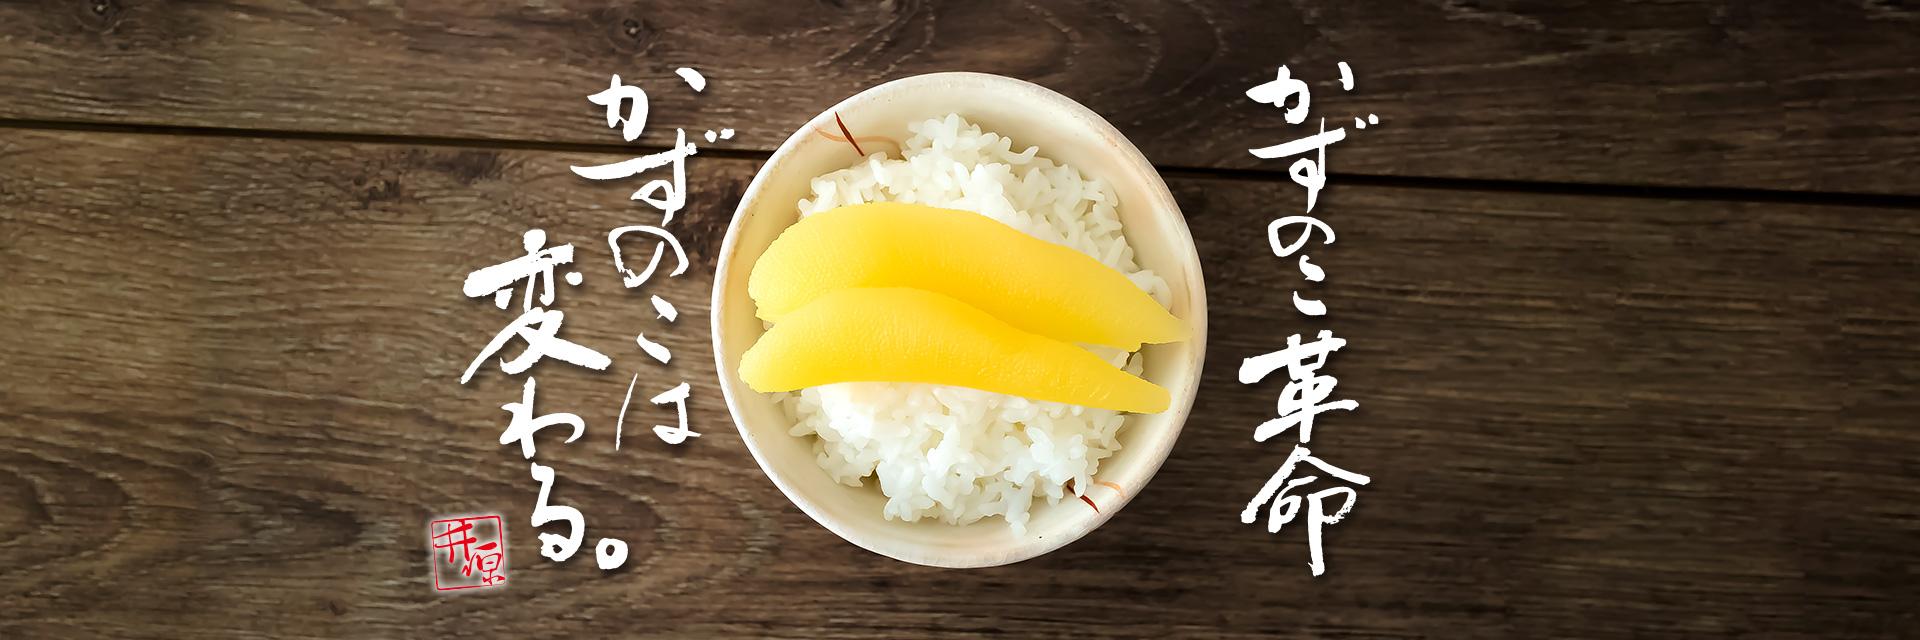 井原水産オンラインショップ